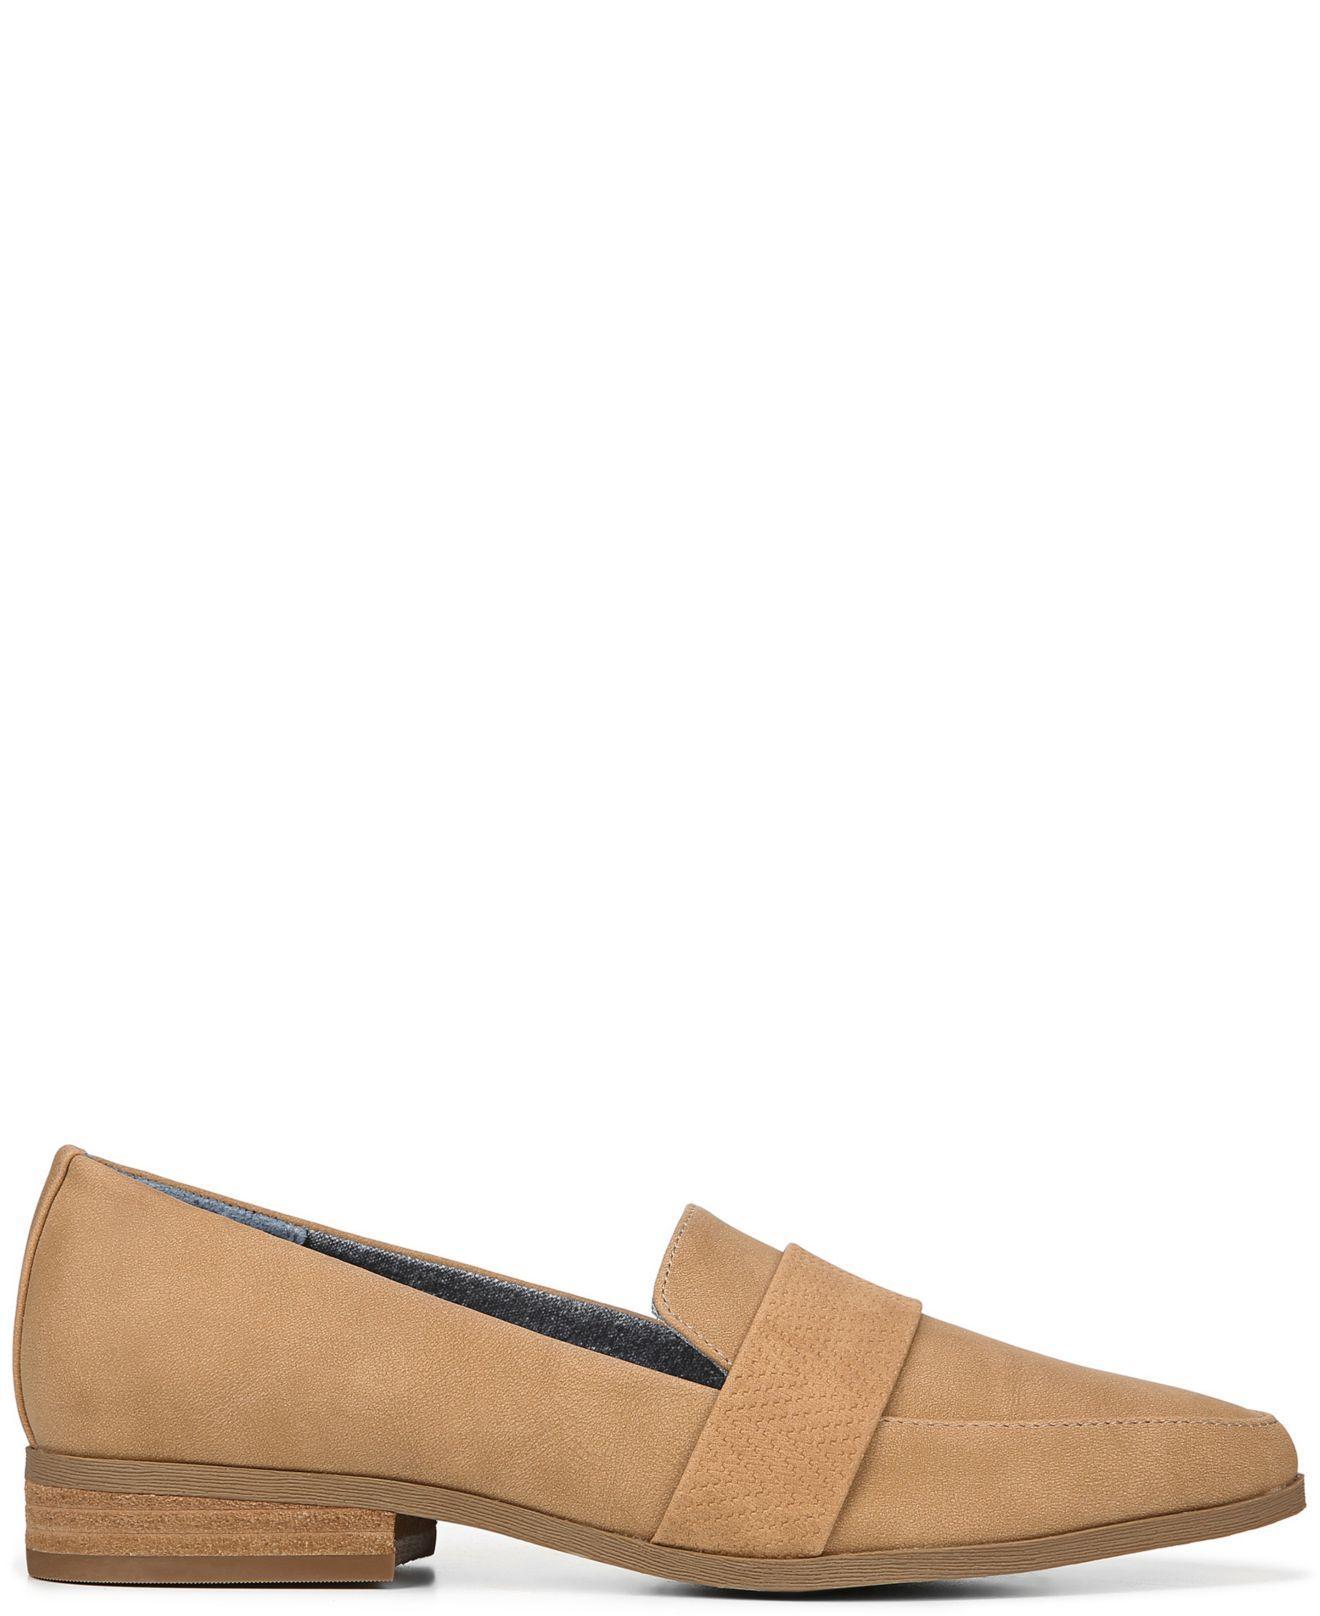 Lyst - Dr. Scholls Esta Loafers c906edb82a1